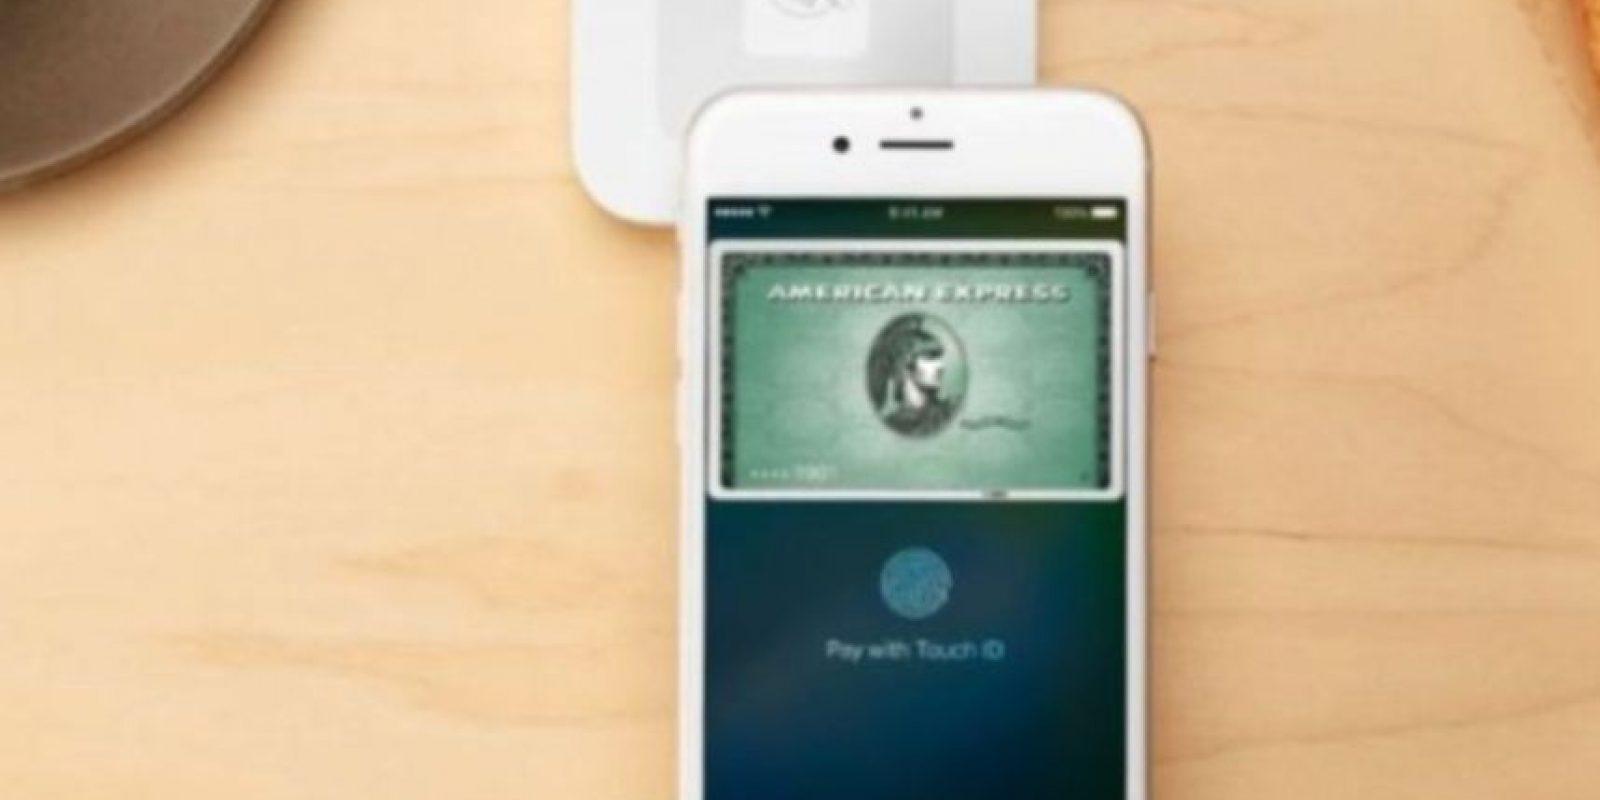 Mejoras en las búsquedas de películas, información y apps. Foto:Apple